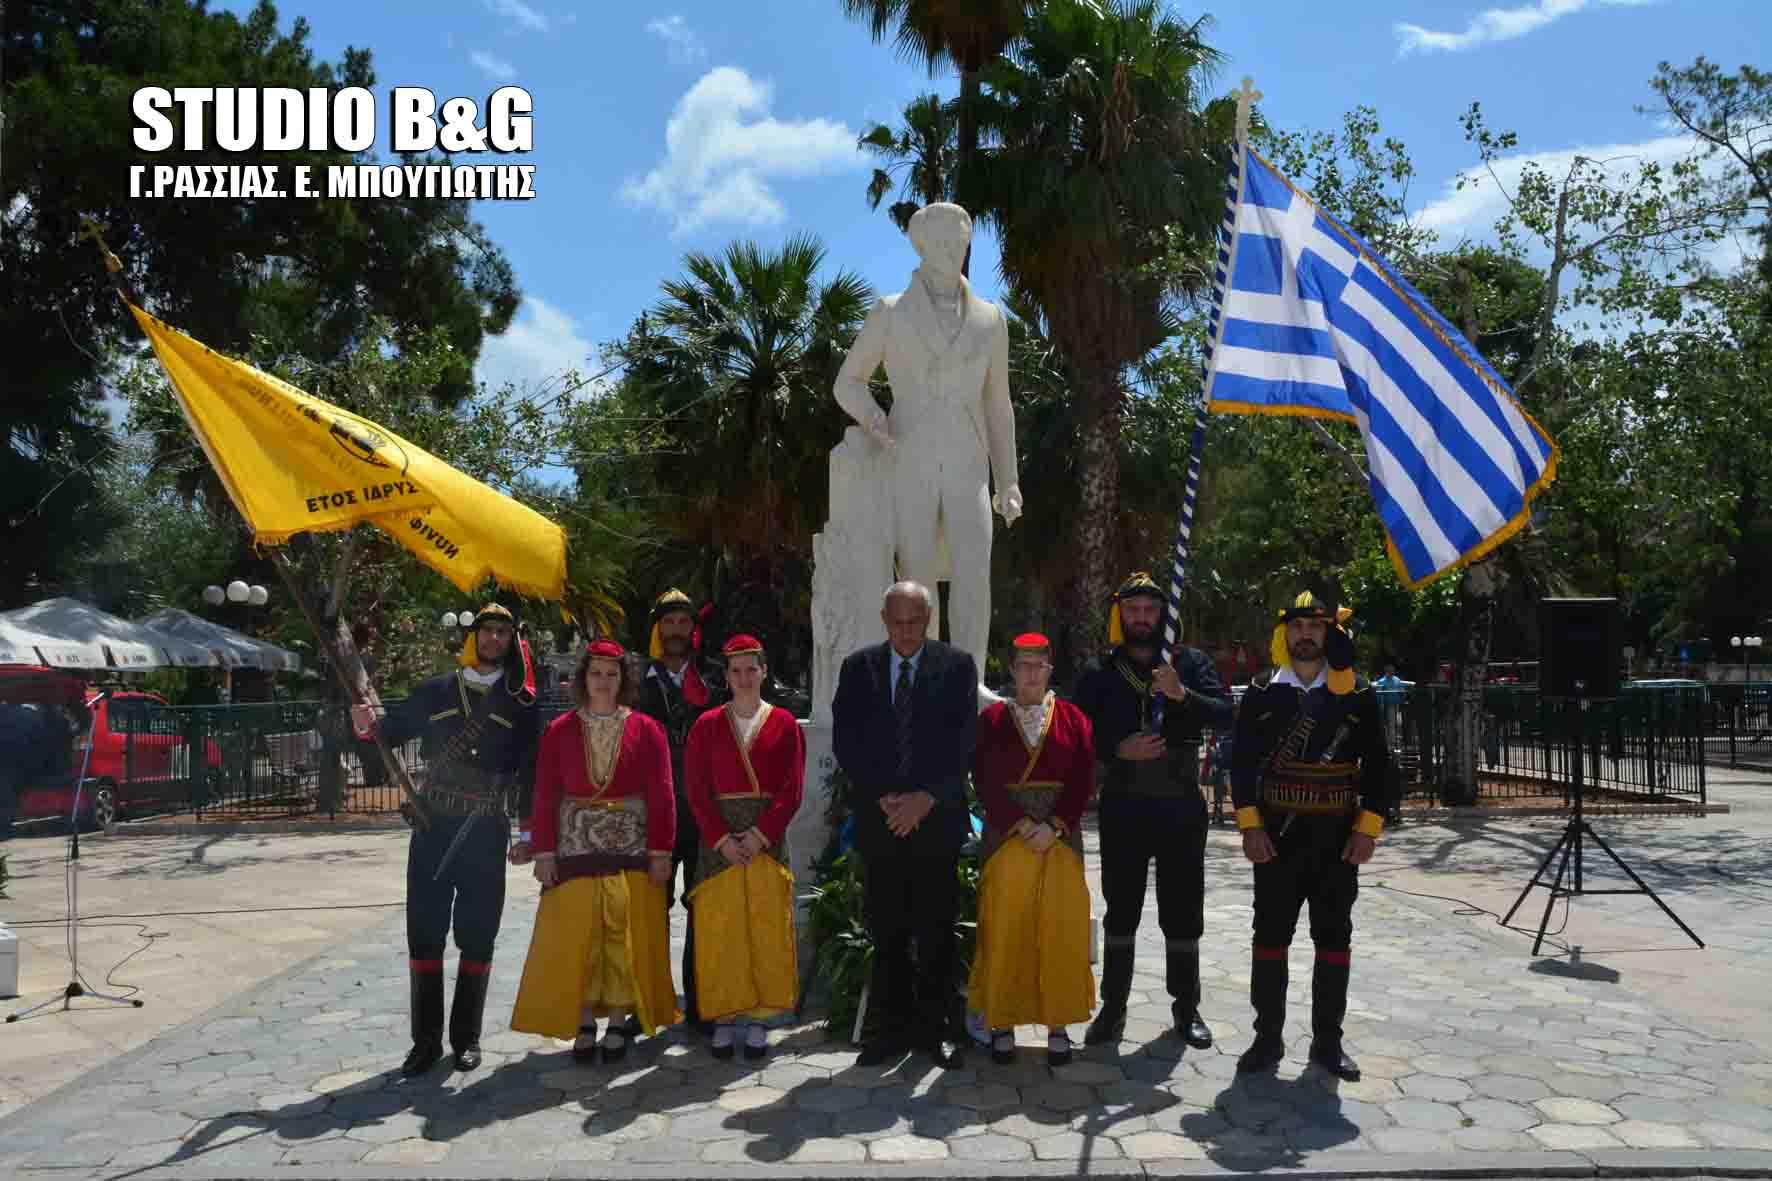 Στο Ναύπλιο τίμησαν την ημέρα μνήμης της γενοκτονίας των Ποντίων